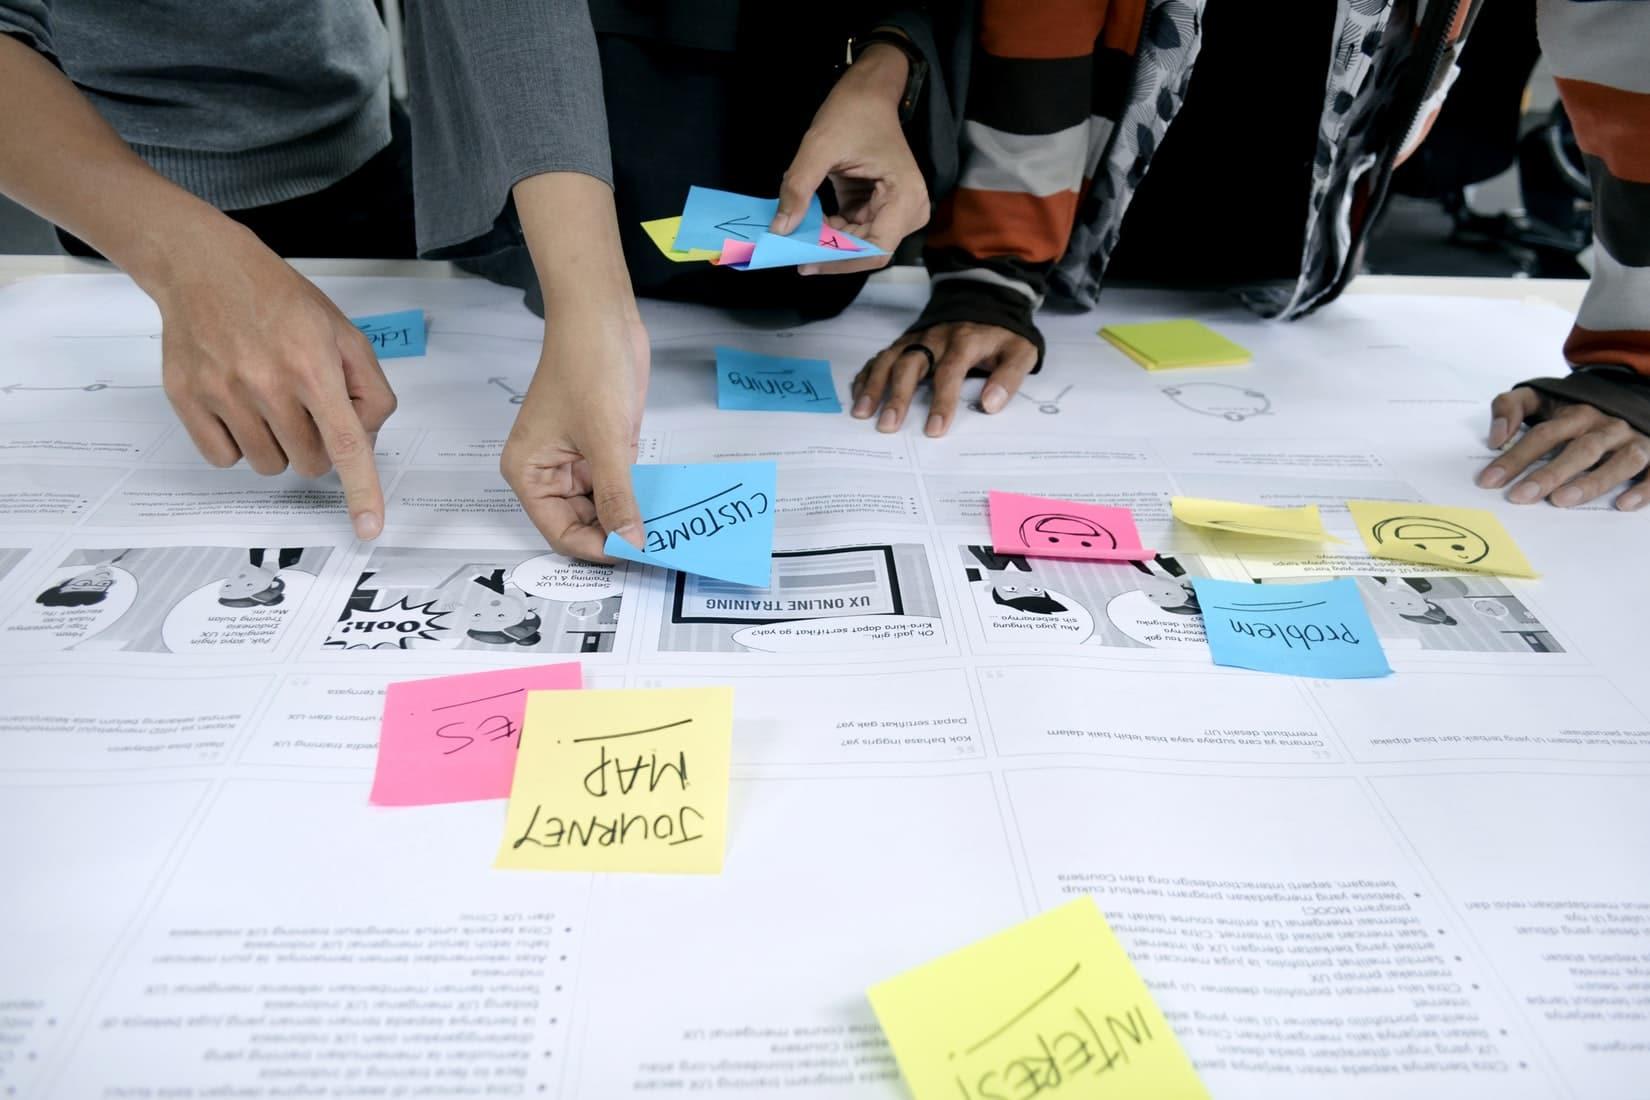 工具模板 | 能快速呈现团队成果的小组讨论纪如何写?